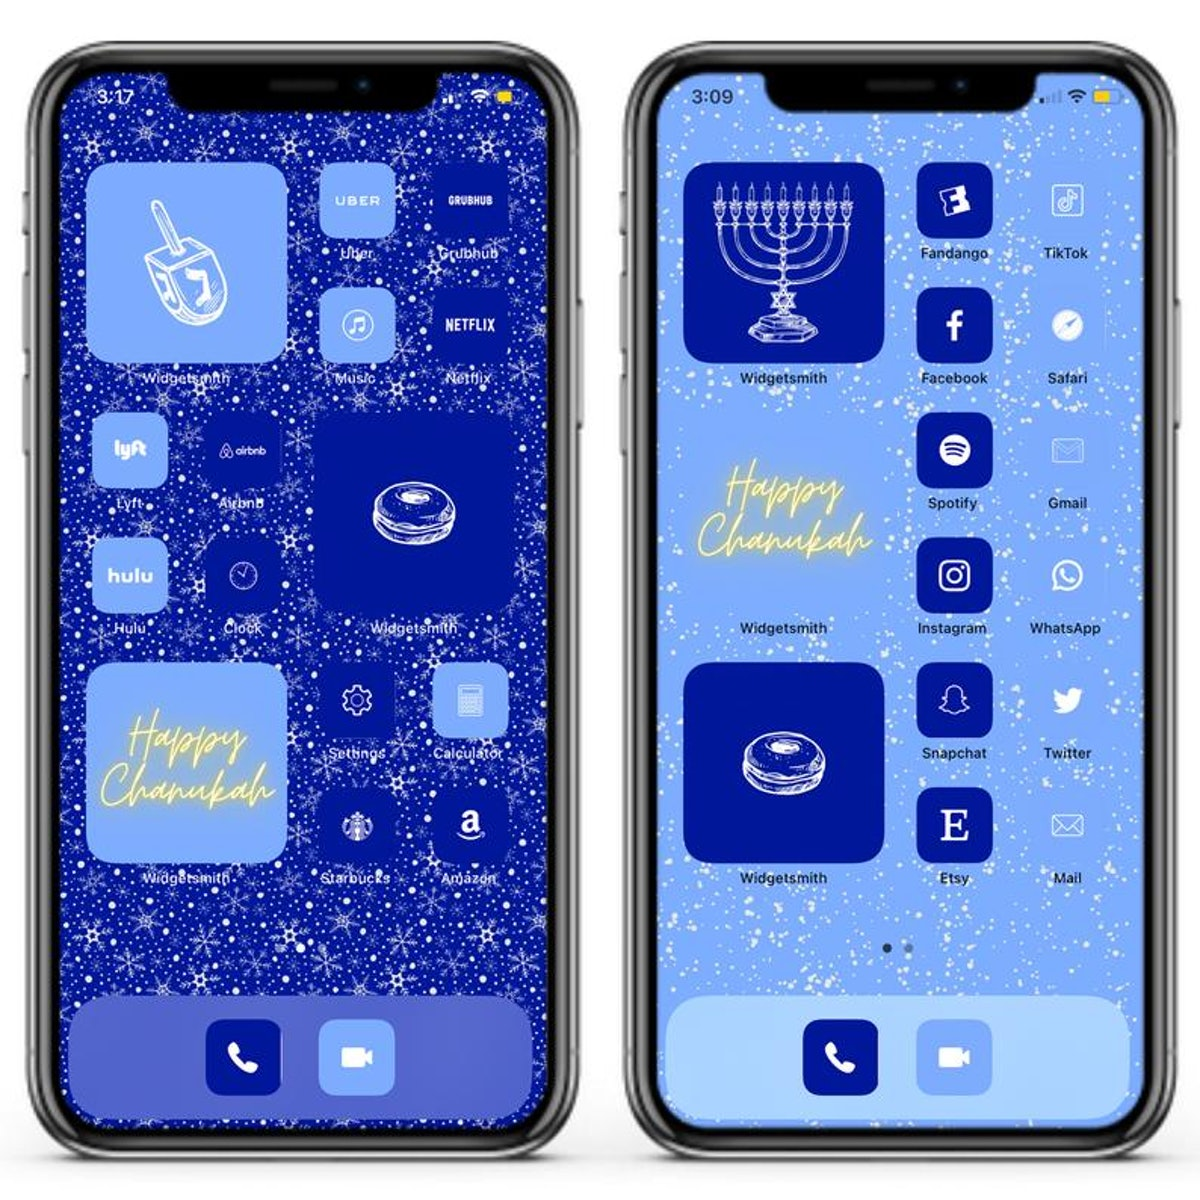 Hanukkah iOS 14 Home Screen Design Pack